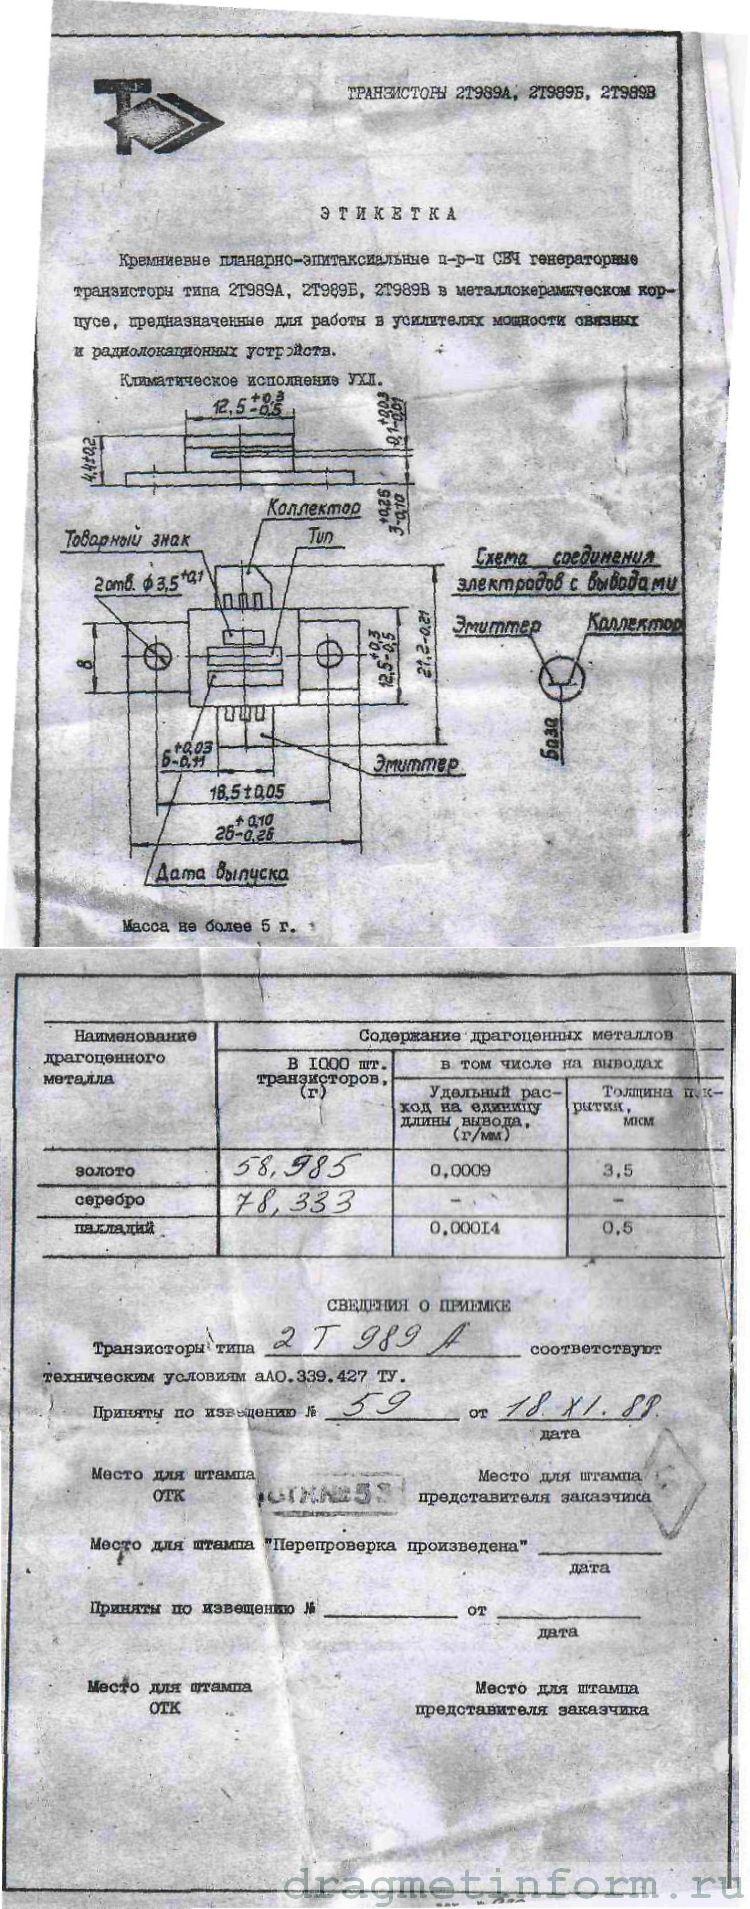 Формуляр 2Т989Б